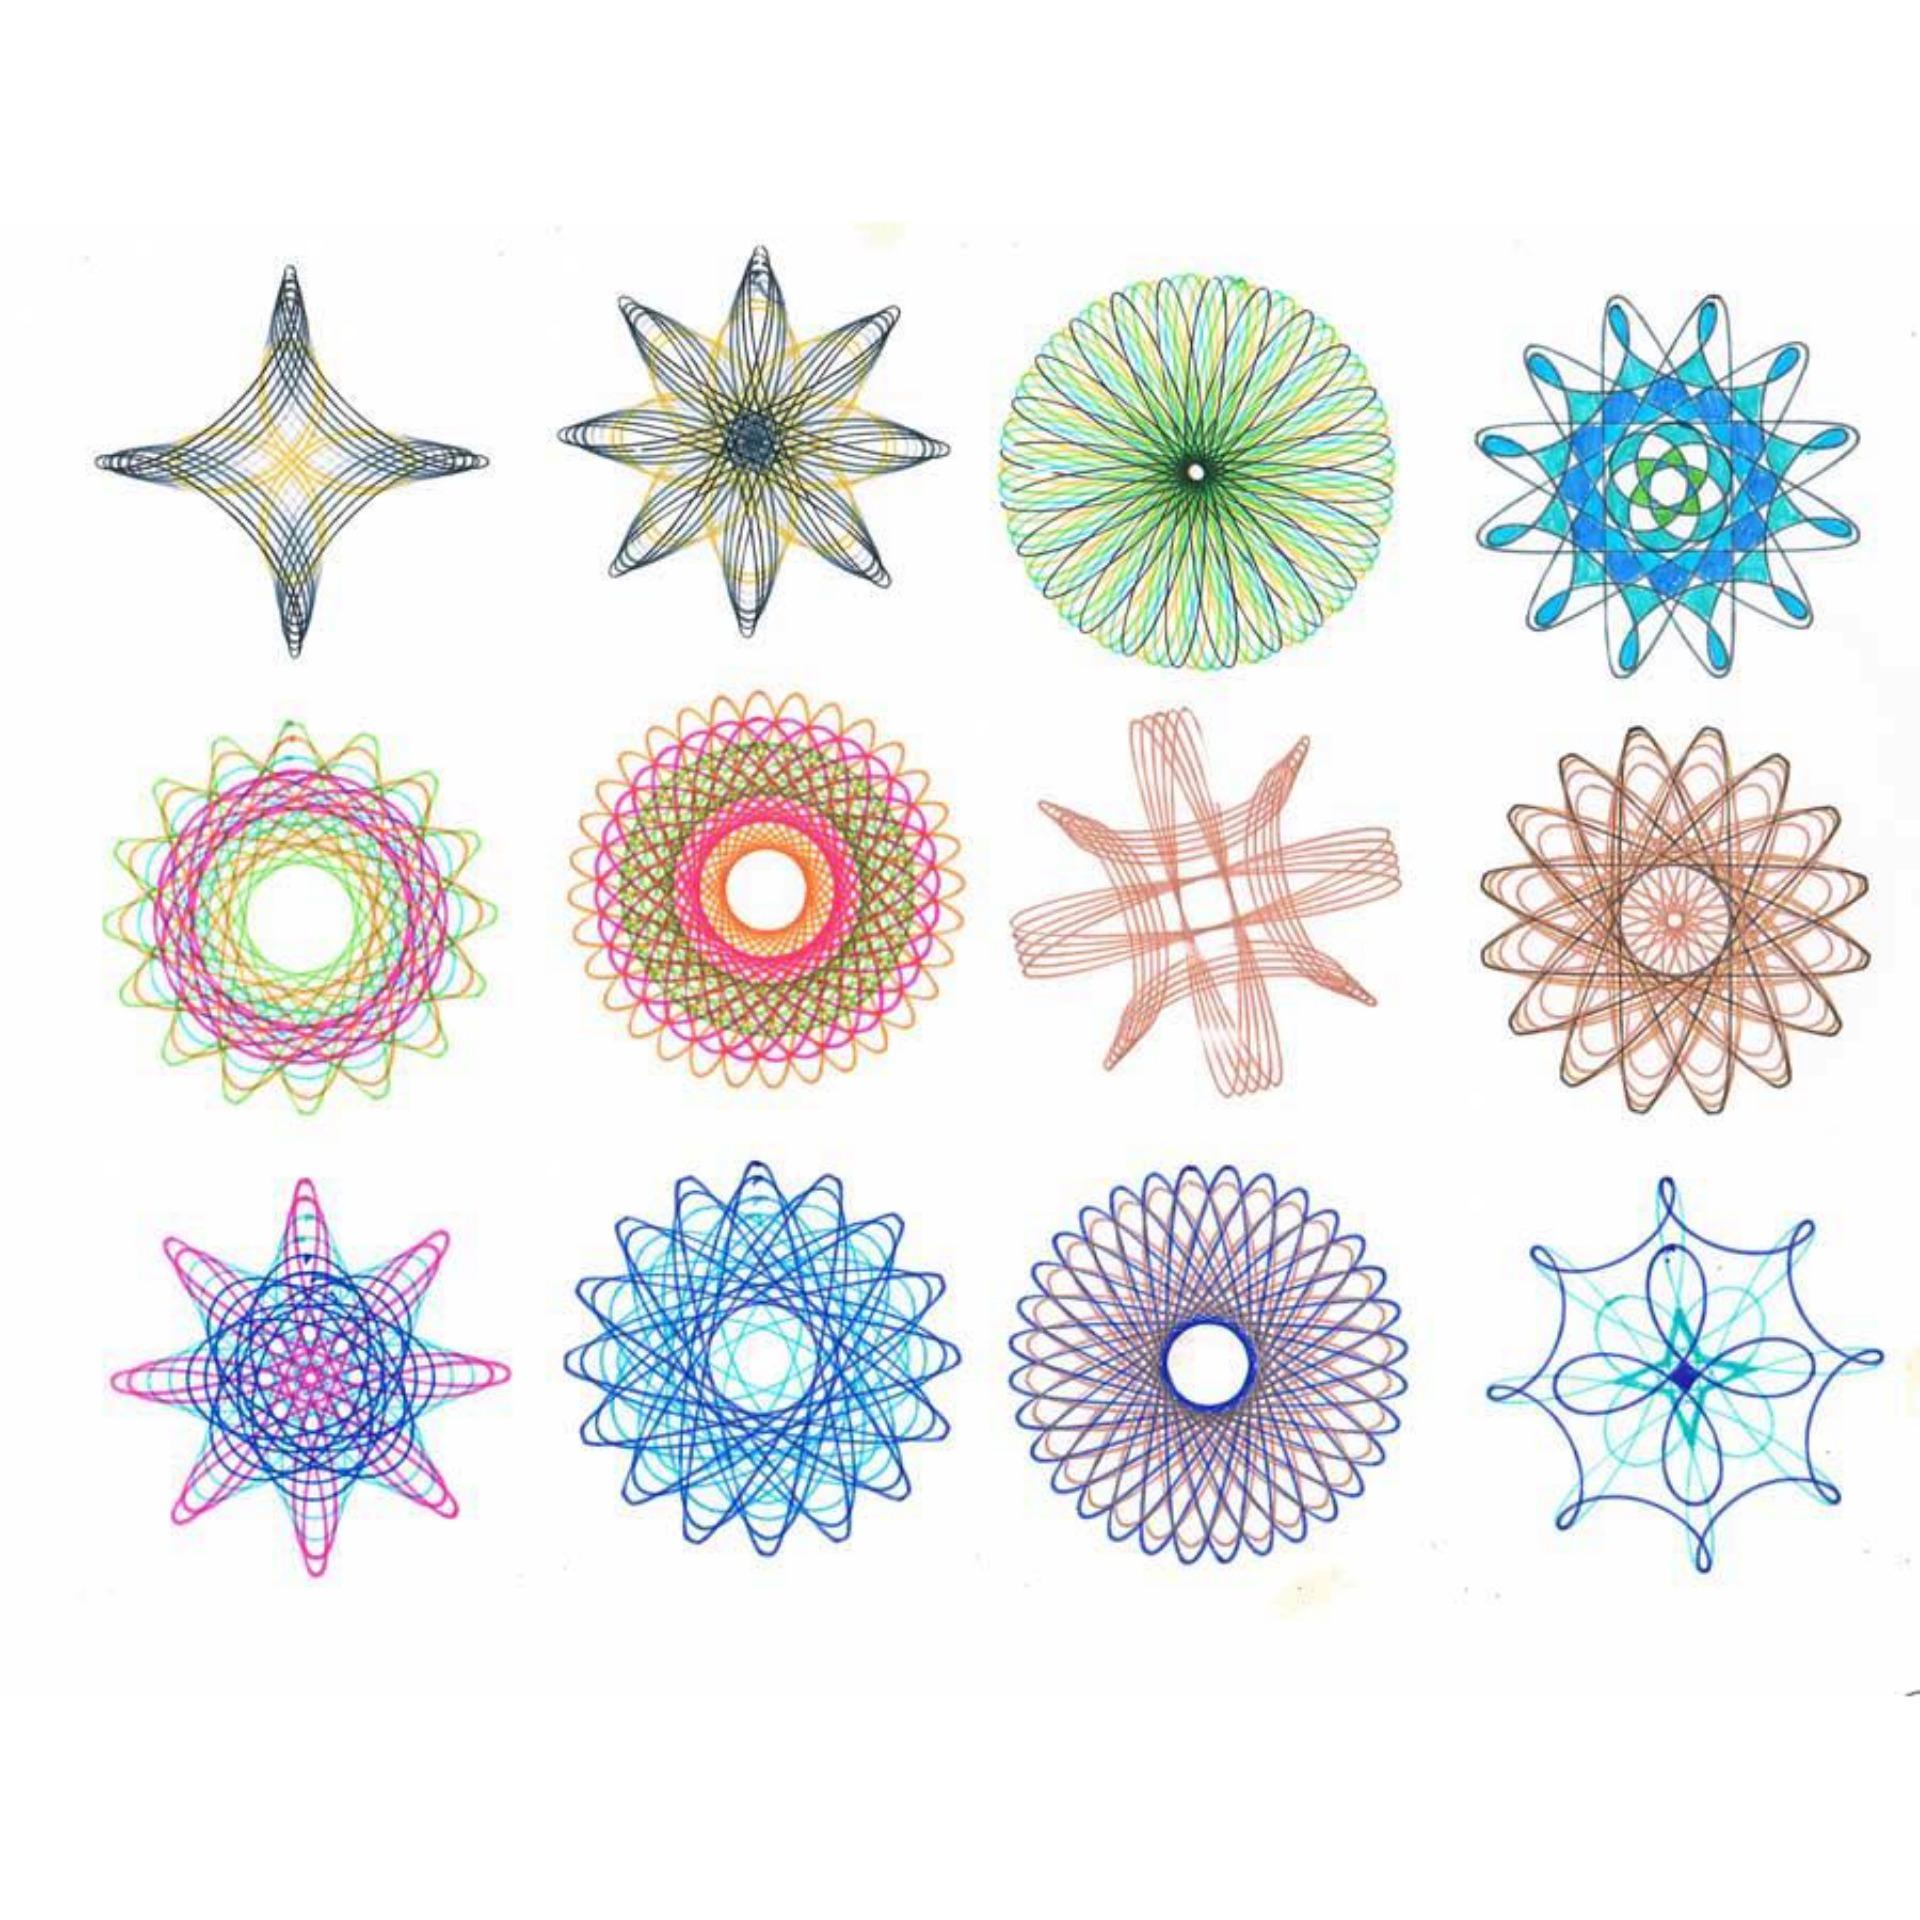 Bộ bút thước vẽ họa tiết Spirograph cho bạn thỏa sức sáng tạo – Kmart